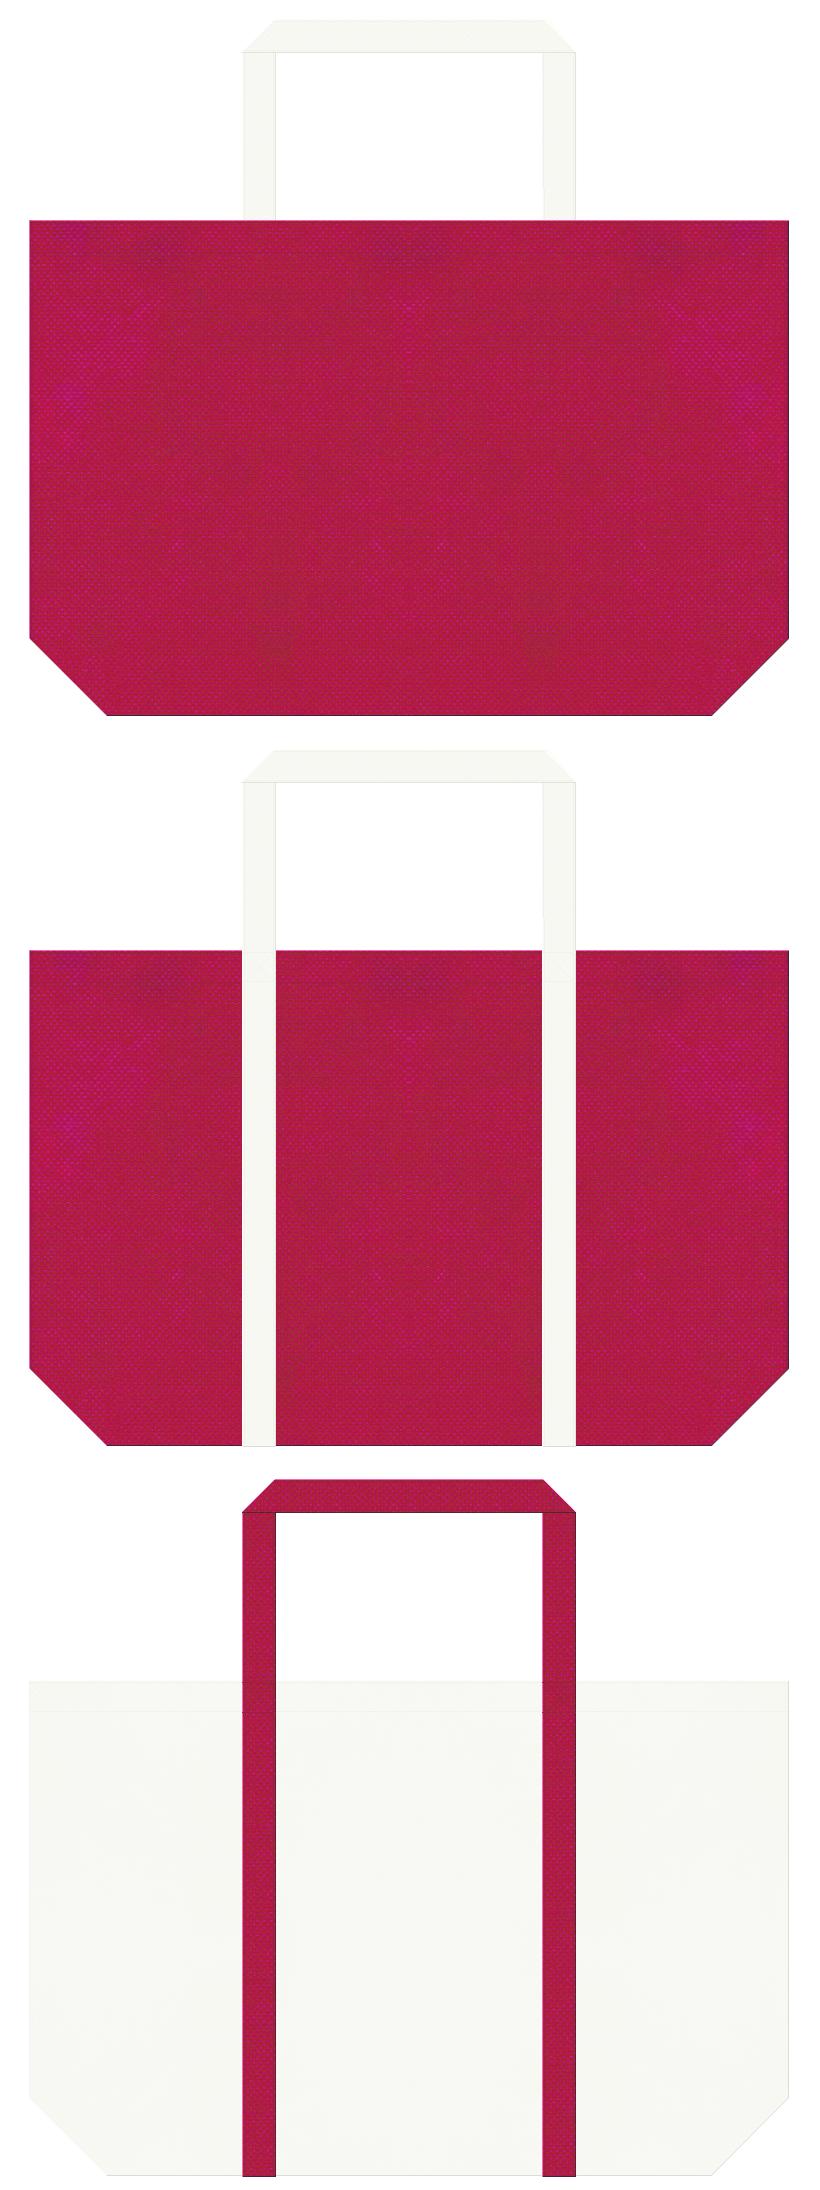 濃いピンク色とオフホワイト色の不織布バッグデザイン。医療ユニフォームのショッピングバッグにお奨めの配色です。